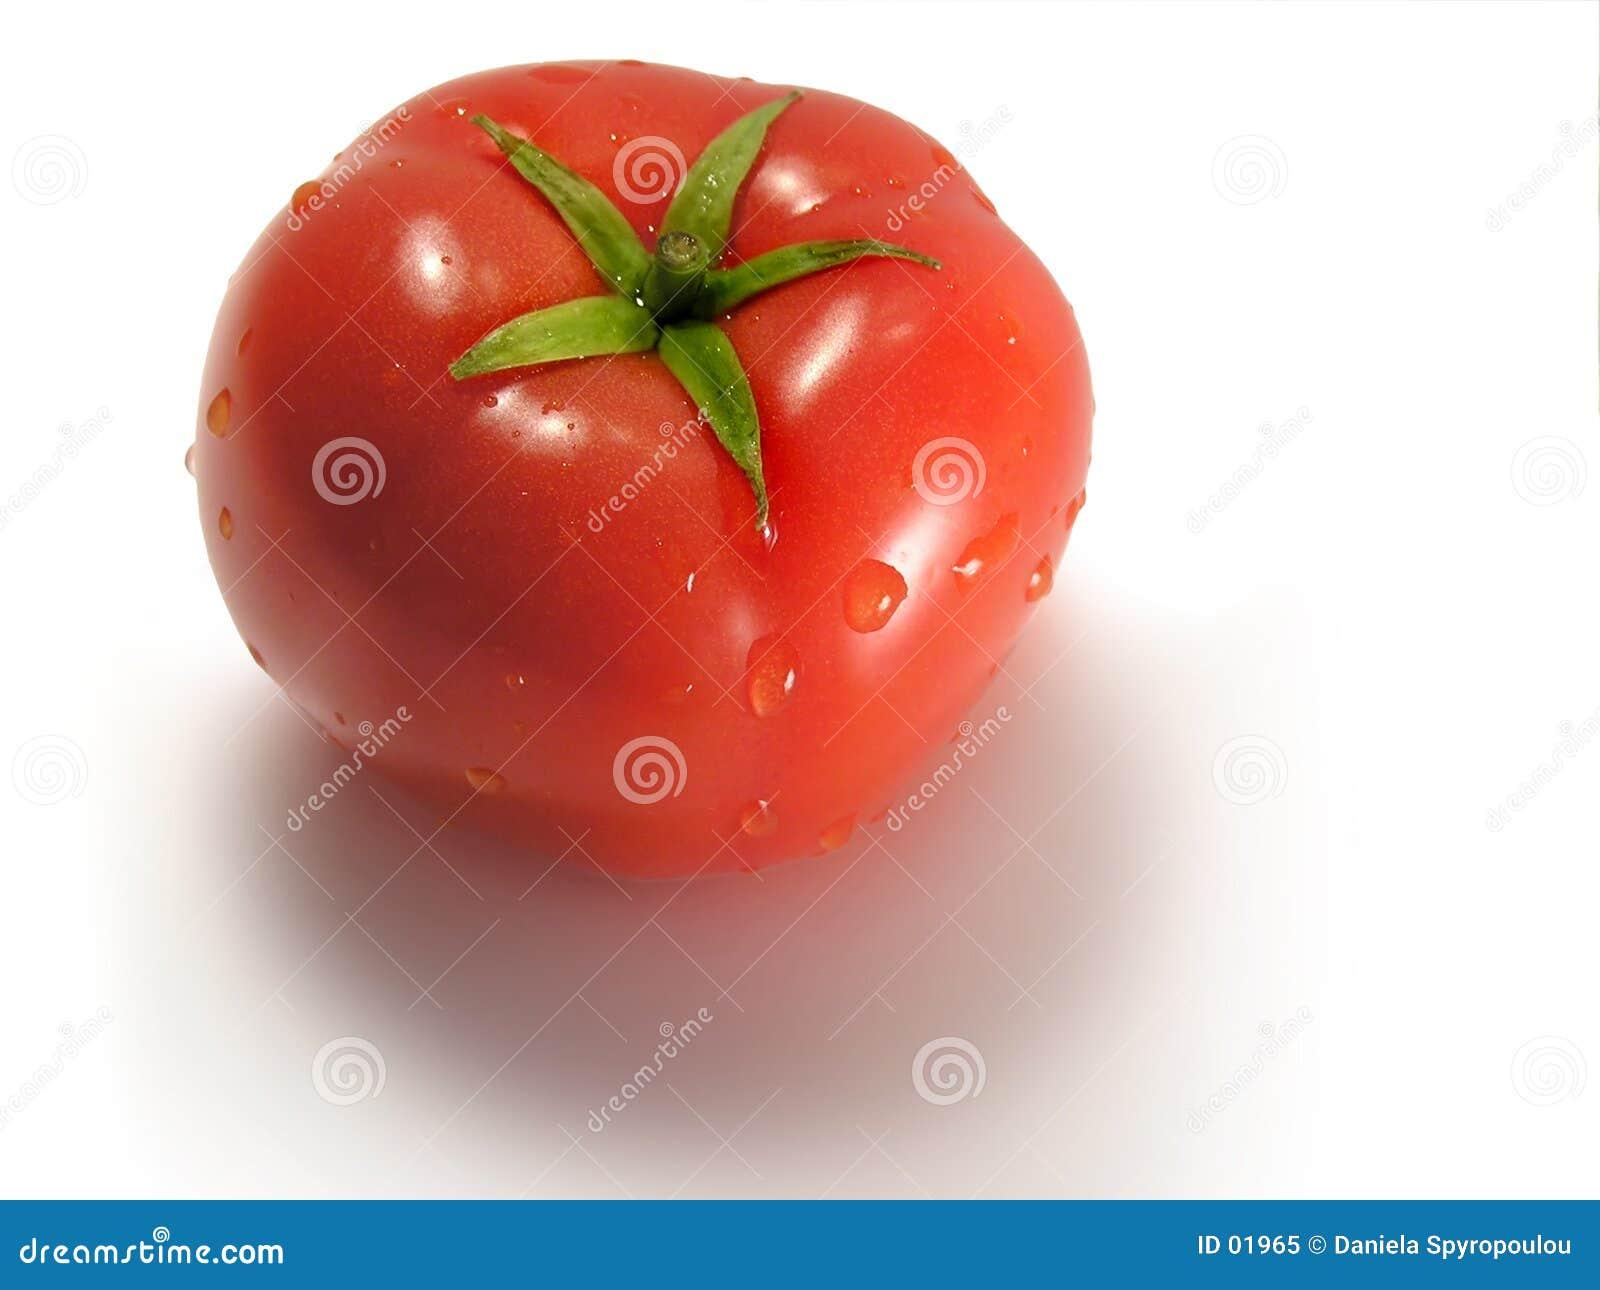 Download 接近的蕃茄 库存图片. 图片 包括有 商业, 蔬菜, 概念, 厨师, 营养, 新鲜, 食物, 忠告, 烹调, 特写镜头 - 1965